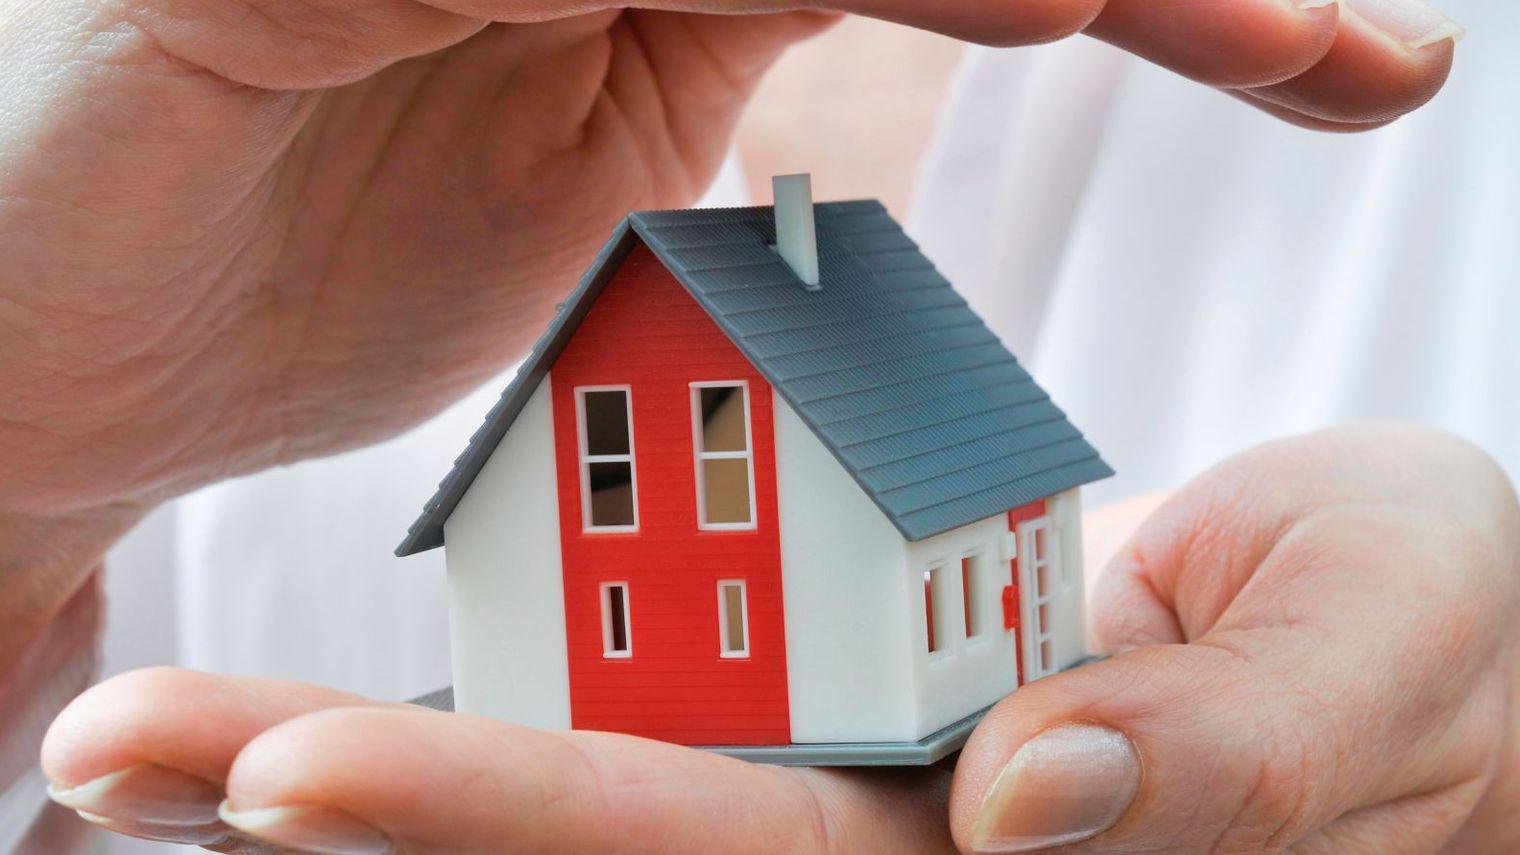 Assurance quotidienne : quels critères prendre en compte ?